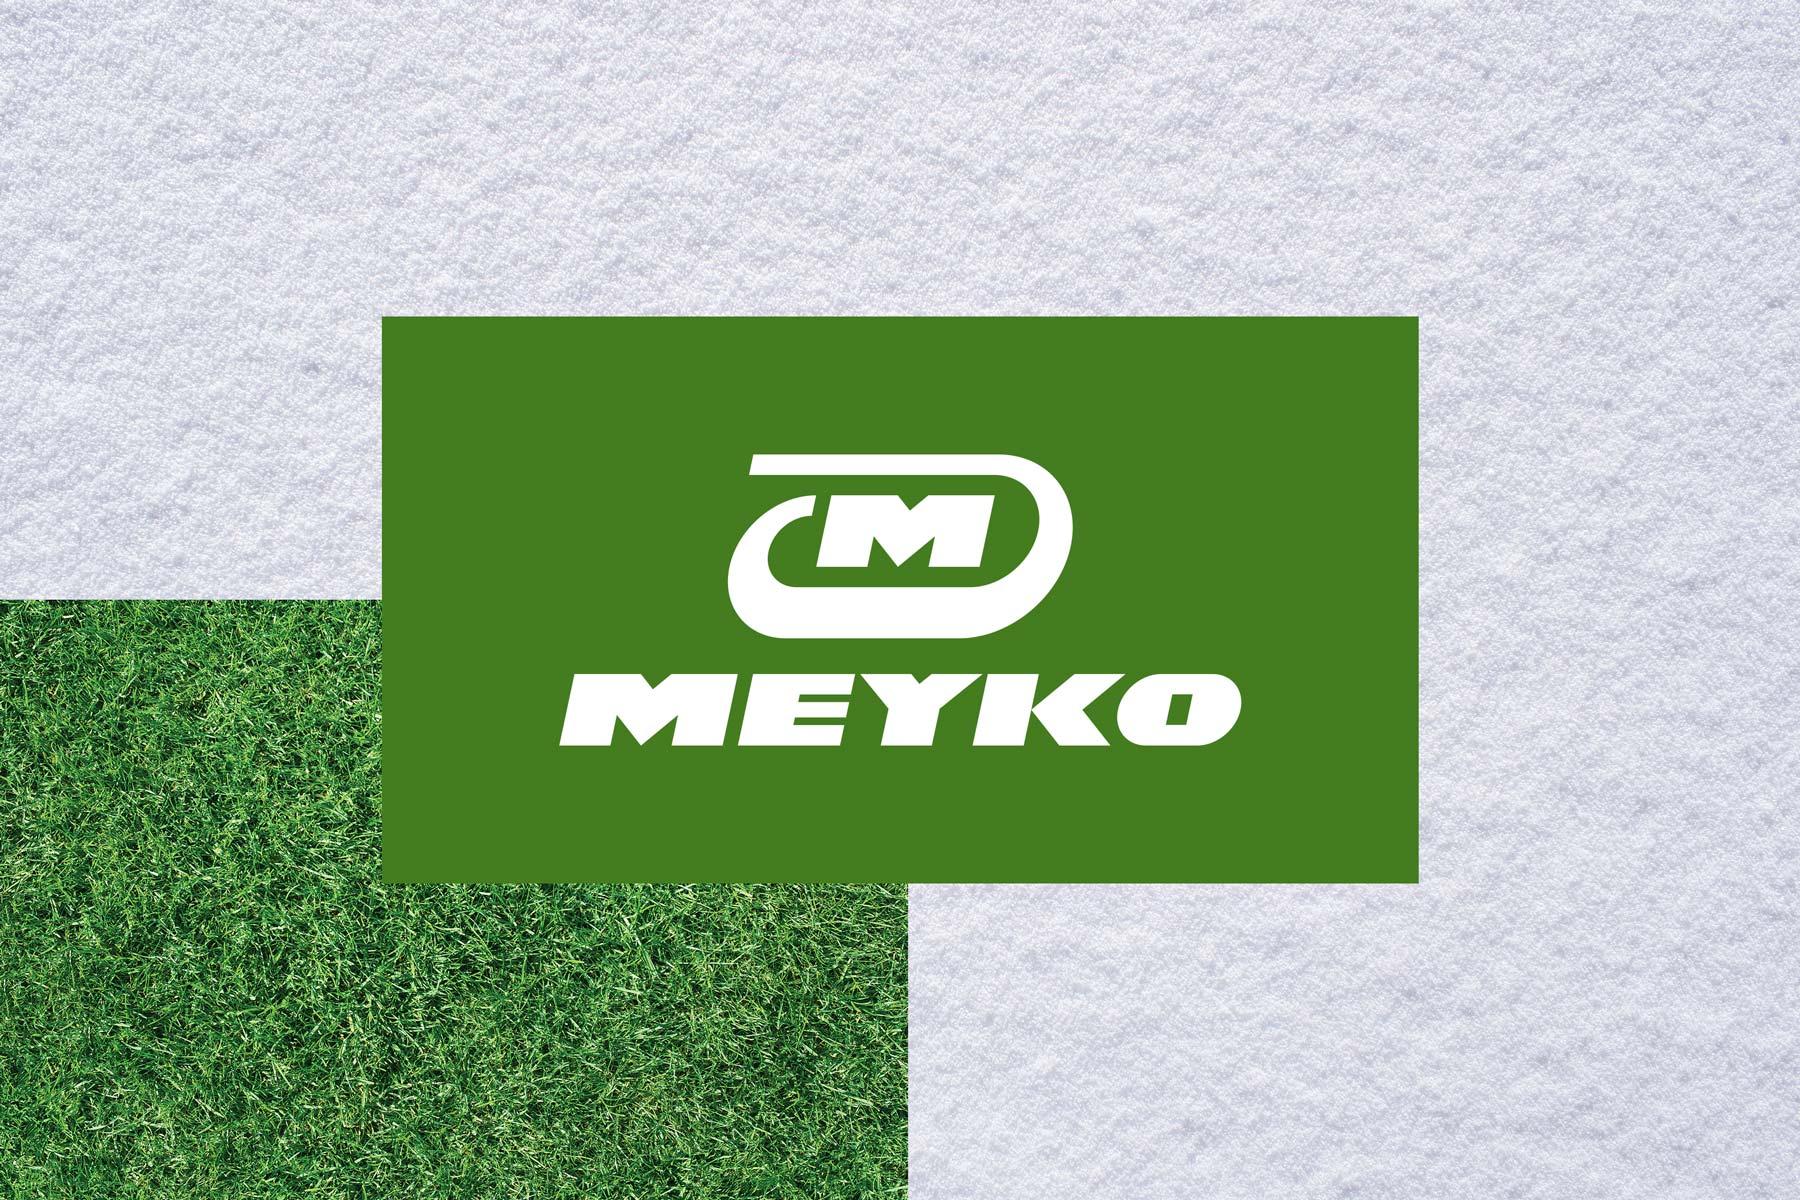 Man sieht das Logo von Meyko, dem Spezialisten für Garten- und Kommunaltechnik vor unterschiedlichen Hintergründen wie Gras und Schnee. Das Corporate Design stammt von MAJORMAJOR.